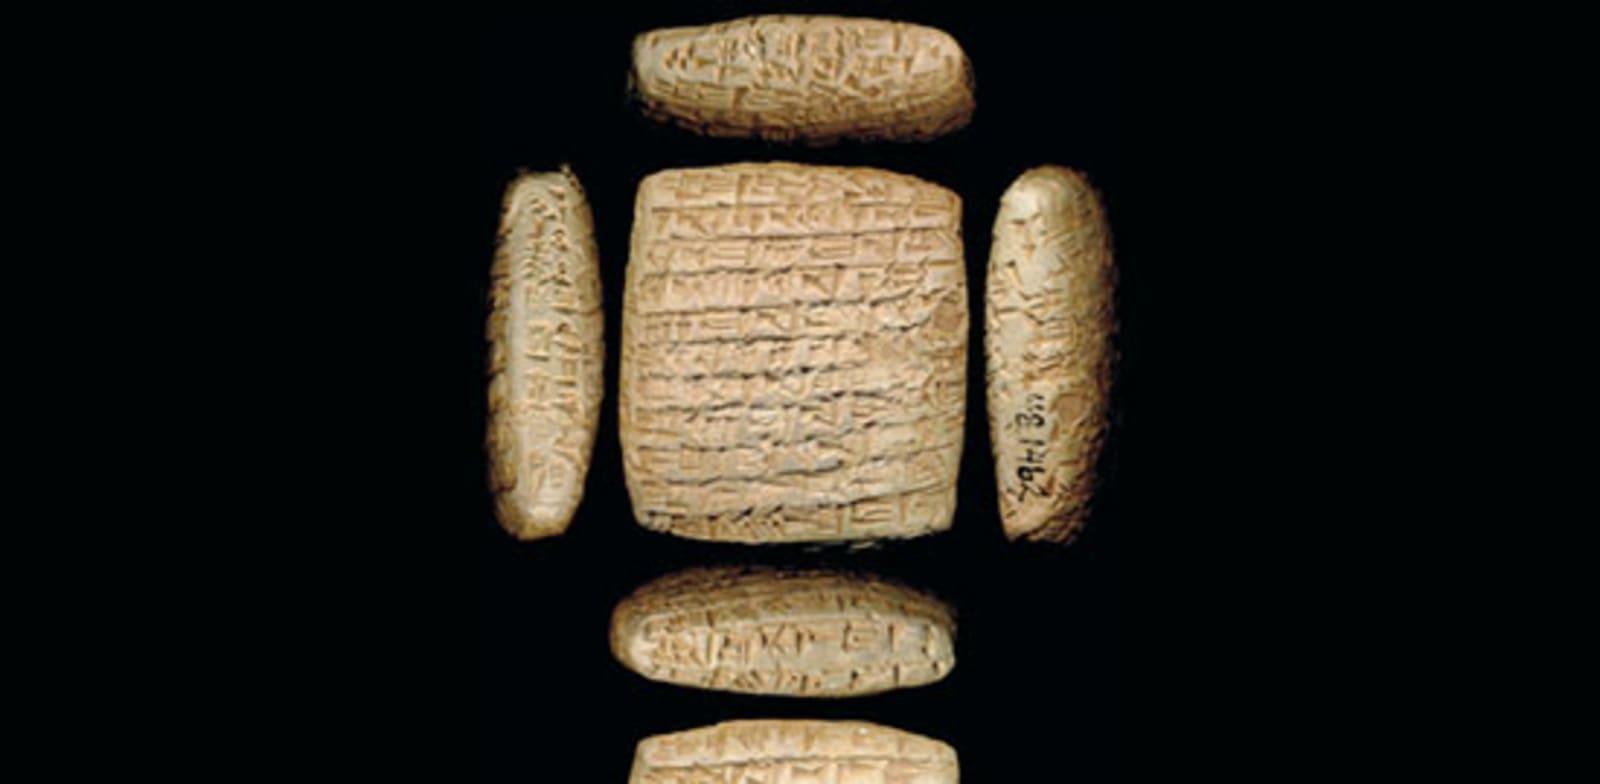 לוח חימר שעליו מכתב בין סוחרים בכתב יתדות בשפה האכדית. כל שטח הפנים של הלוח מכוסה בכתב, כדי להעביר כמה שיותר אינפורמציה / צילום: מוזיאון וולטרס לאמנות